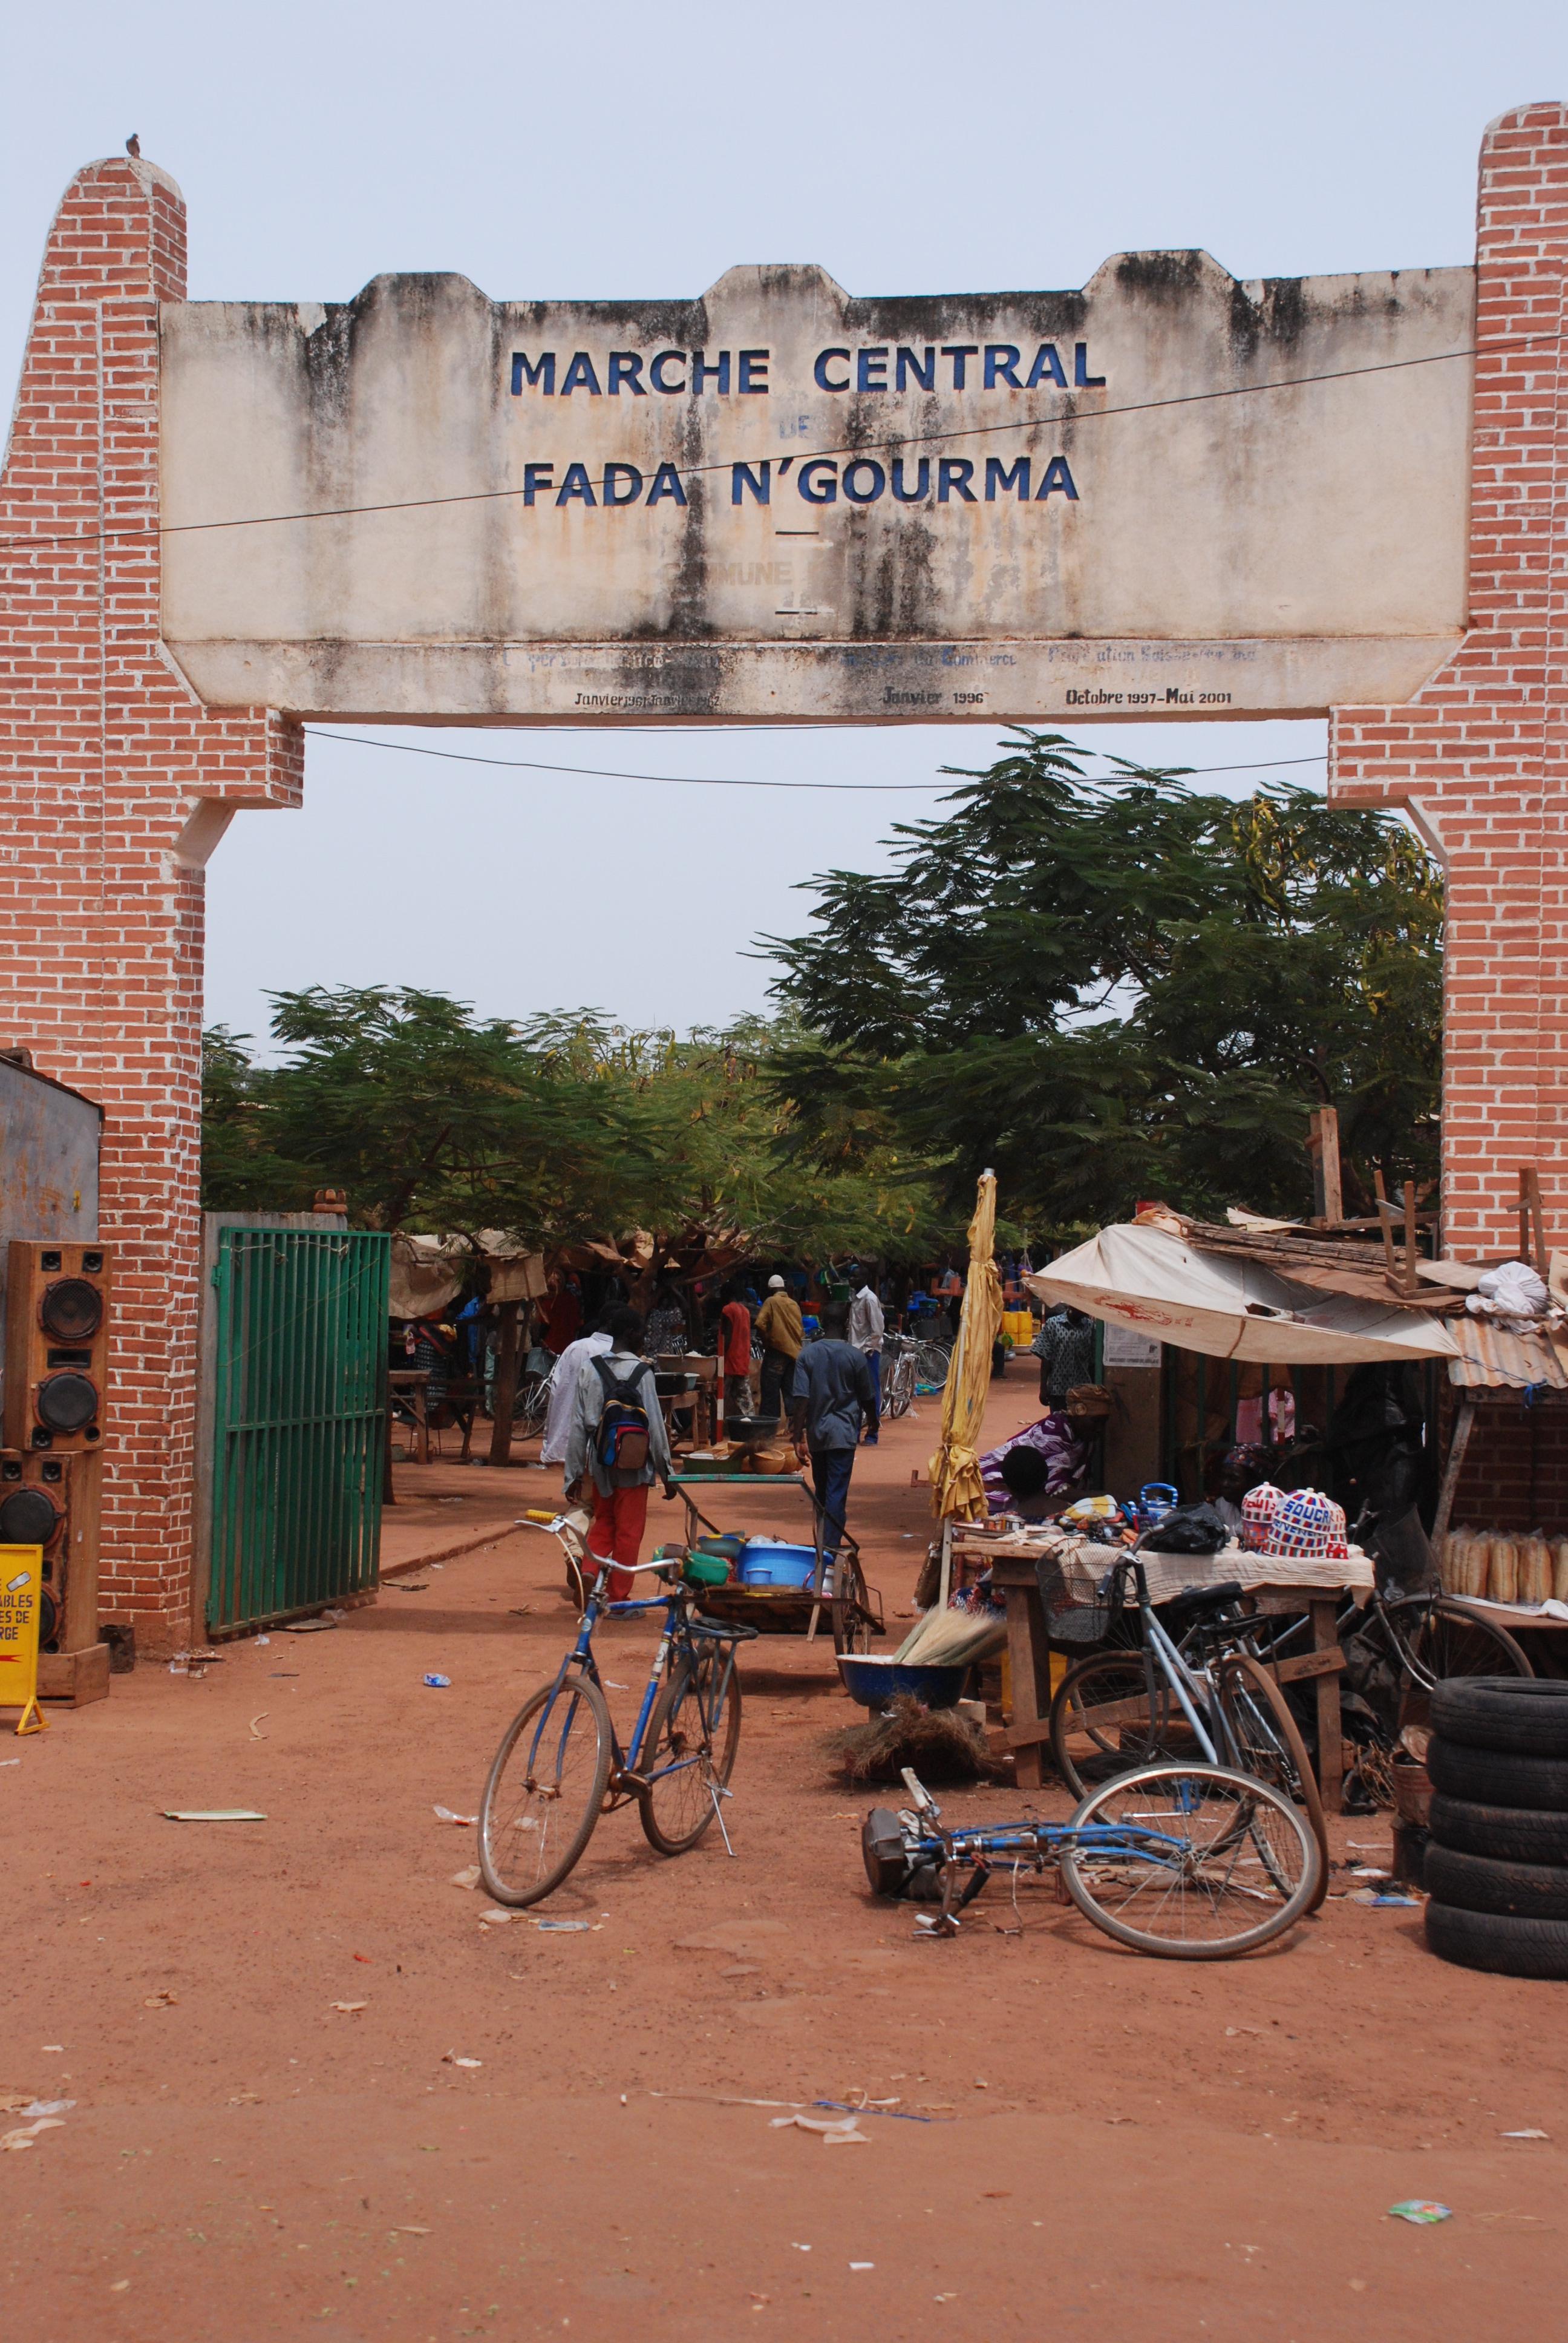 http://upload.wikimedia.org/wikipedia/commons/8/8a/Fada_N_Gourma.JPG